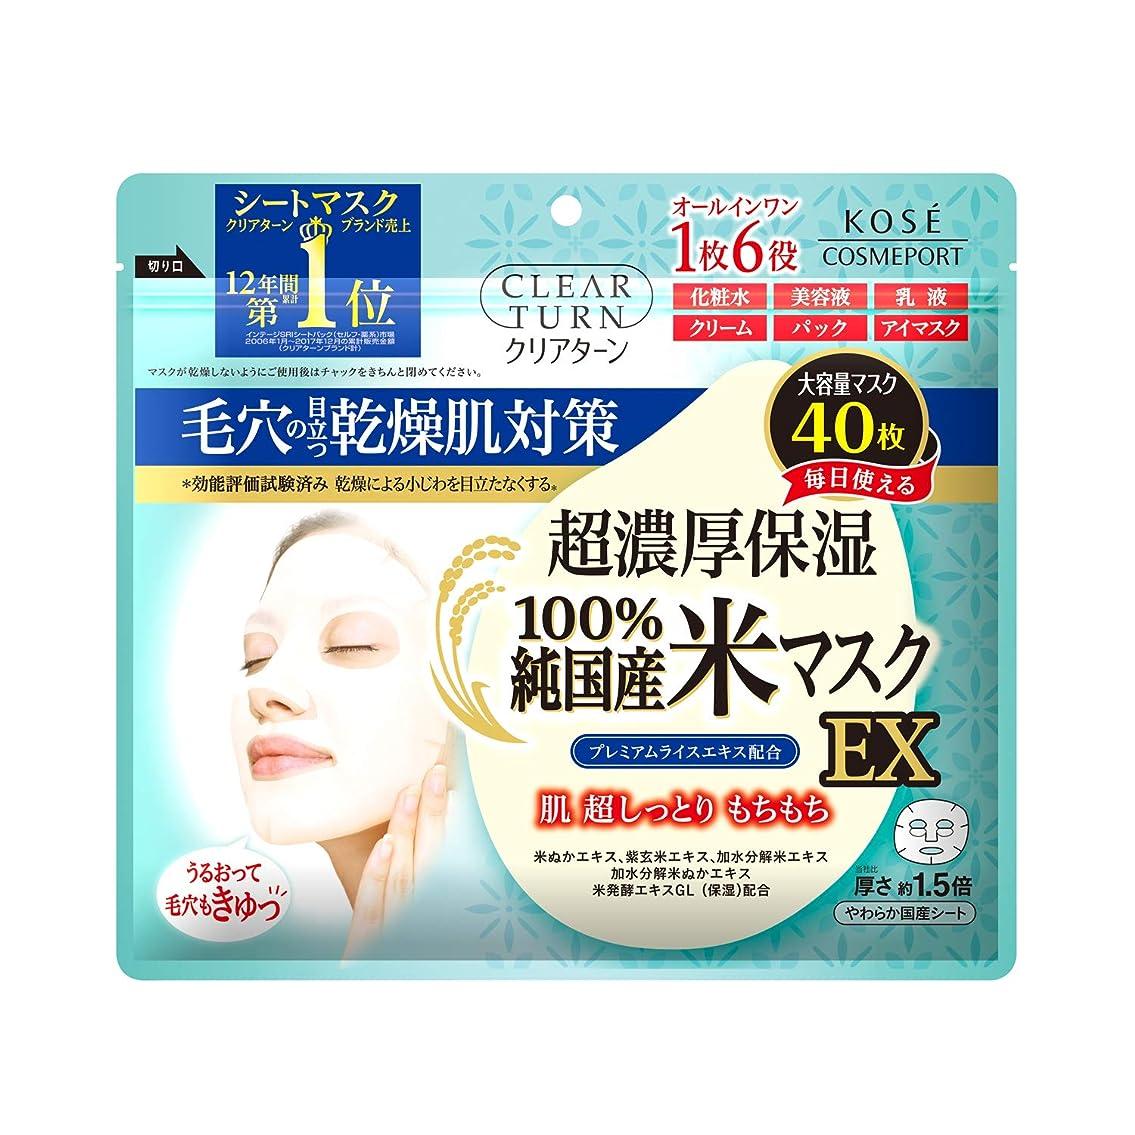 したい三角に同意するKOSE クリアターン 純国産米マスク EX 40枚入